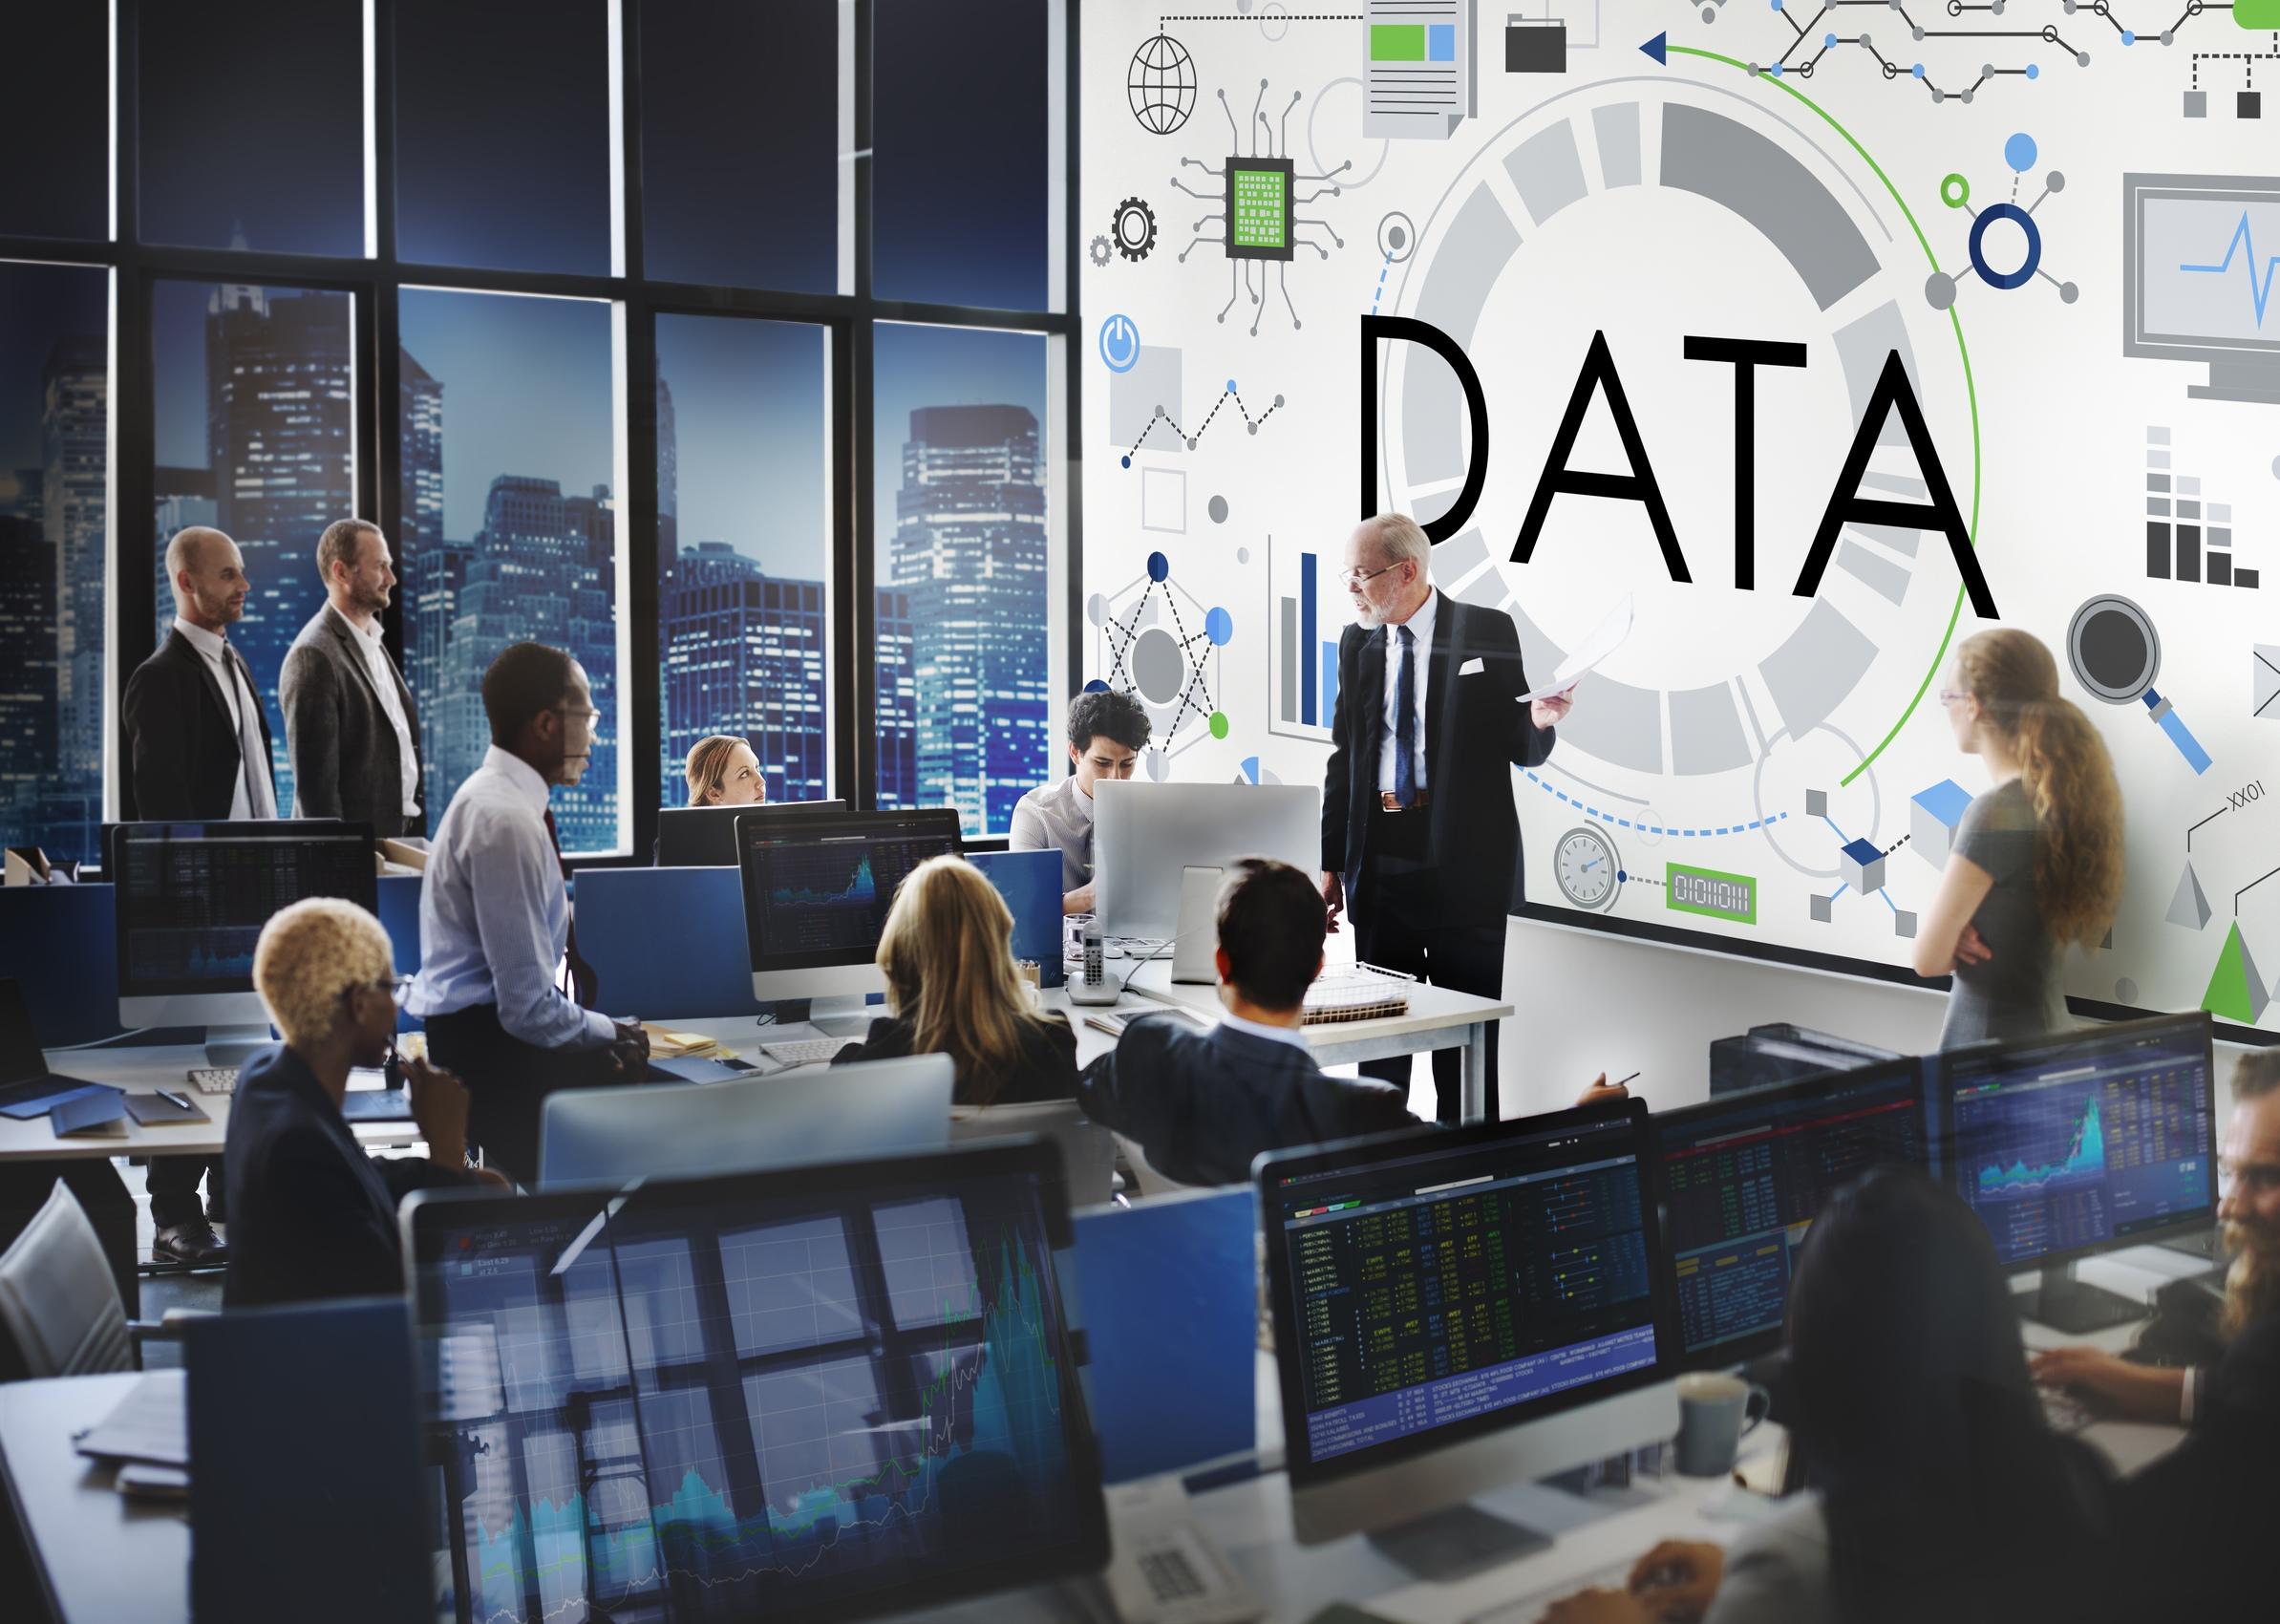 נתחו את הנתונים. מדיניות השירות – חווית הלקוח וערוצי התקשורת שלכם מול הלקוחות?